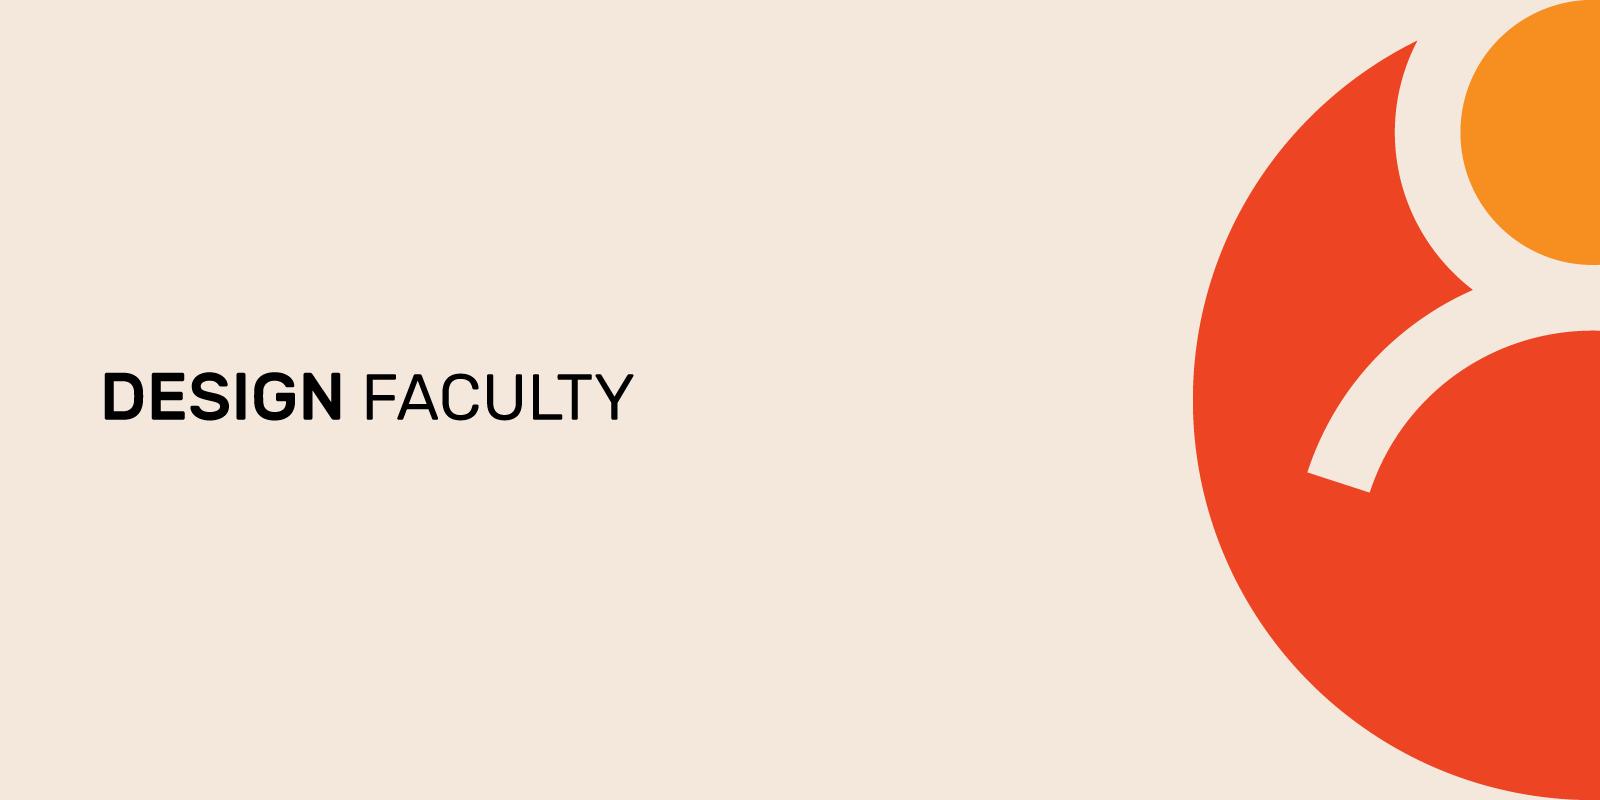 Fine Art Faculty Career